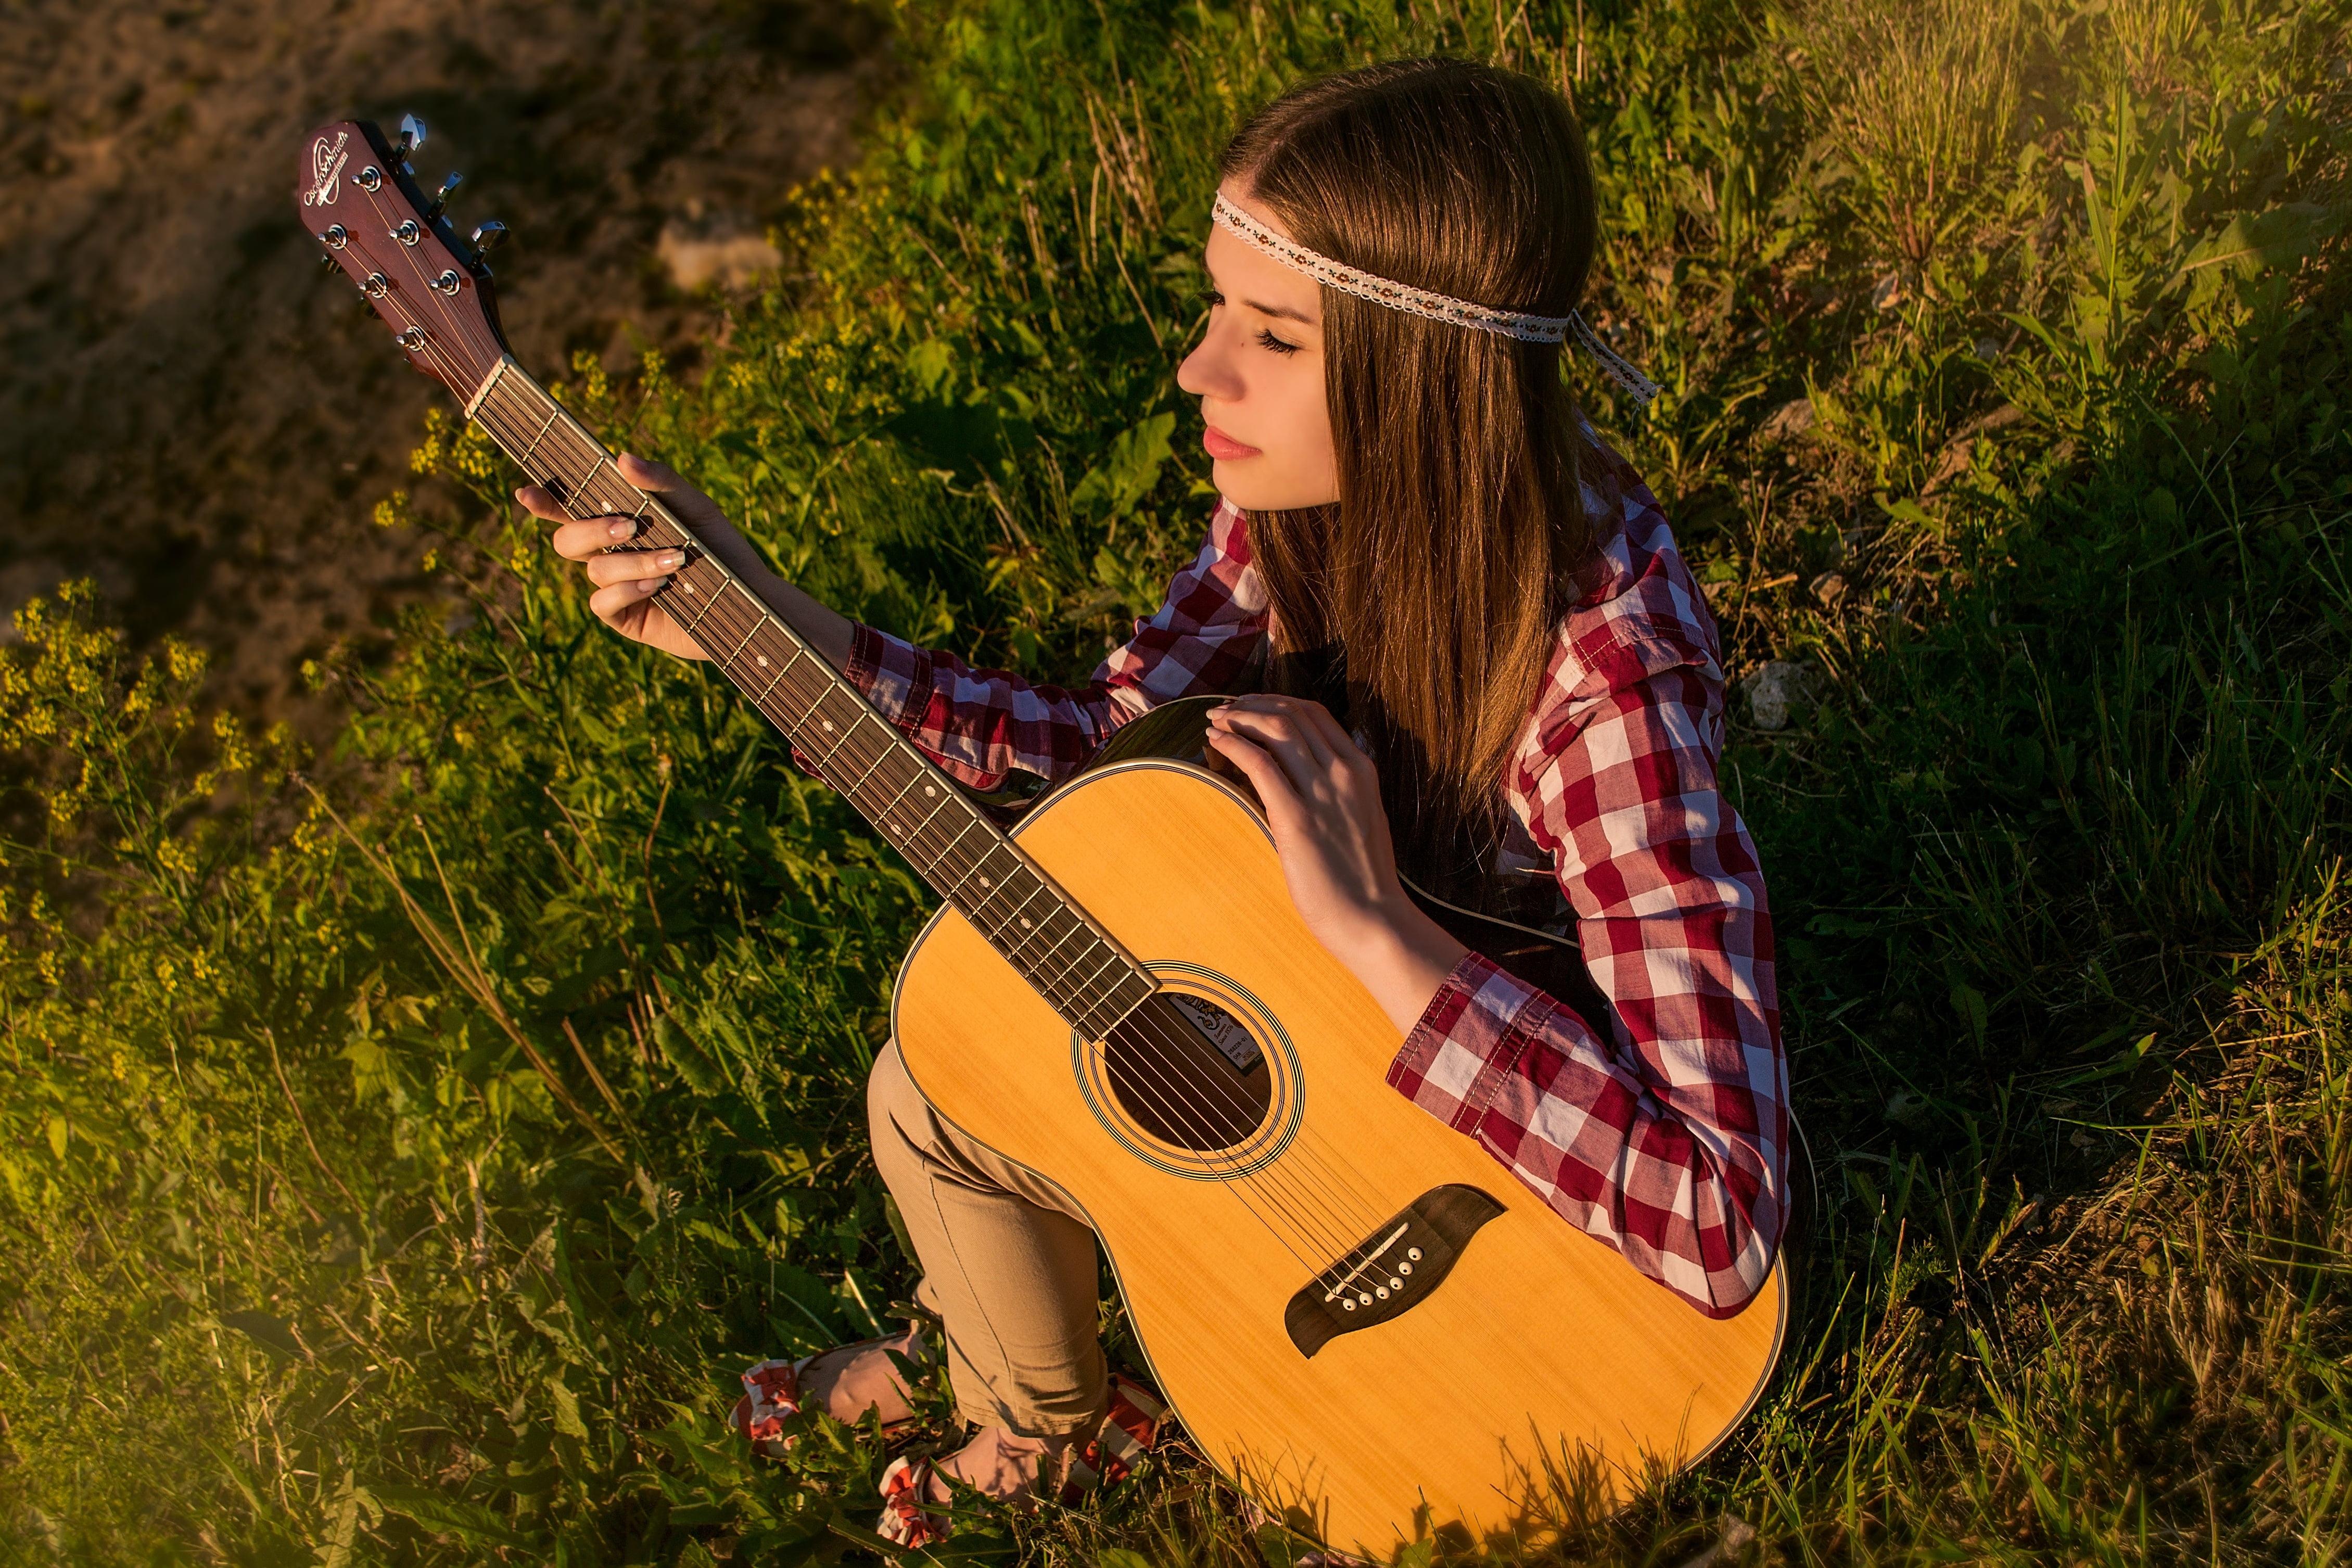 Красивые девушки с гитарой картинки